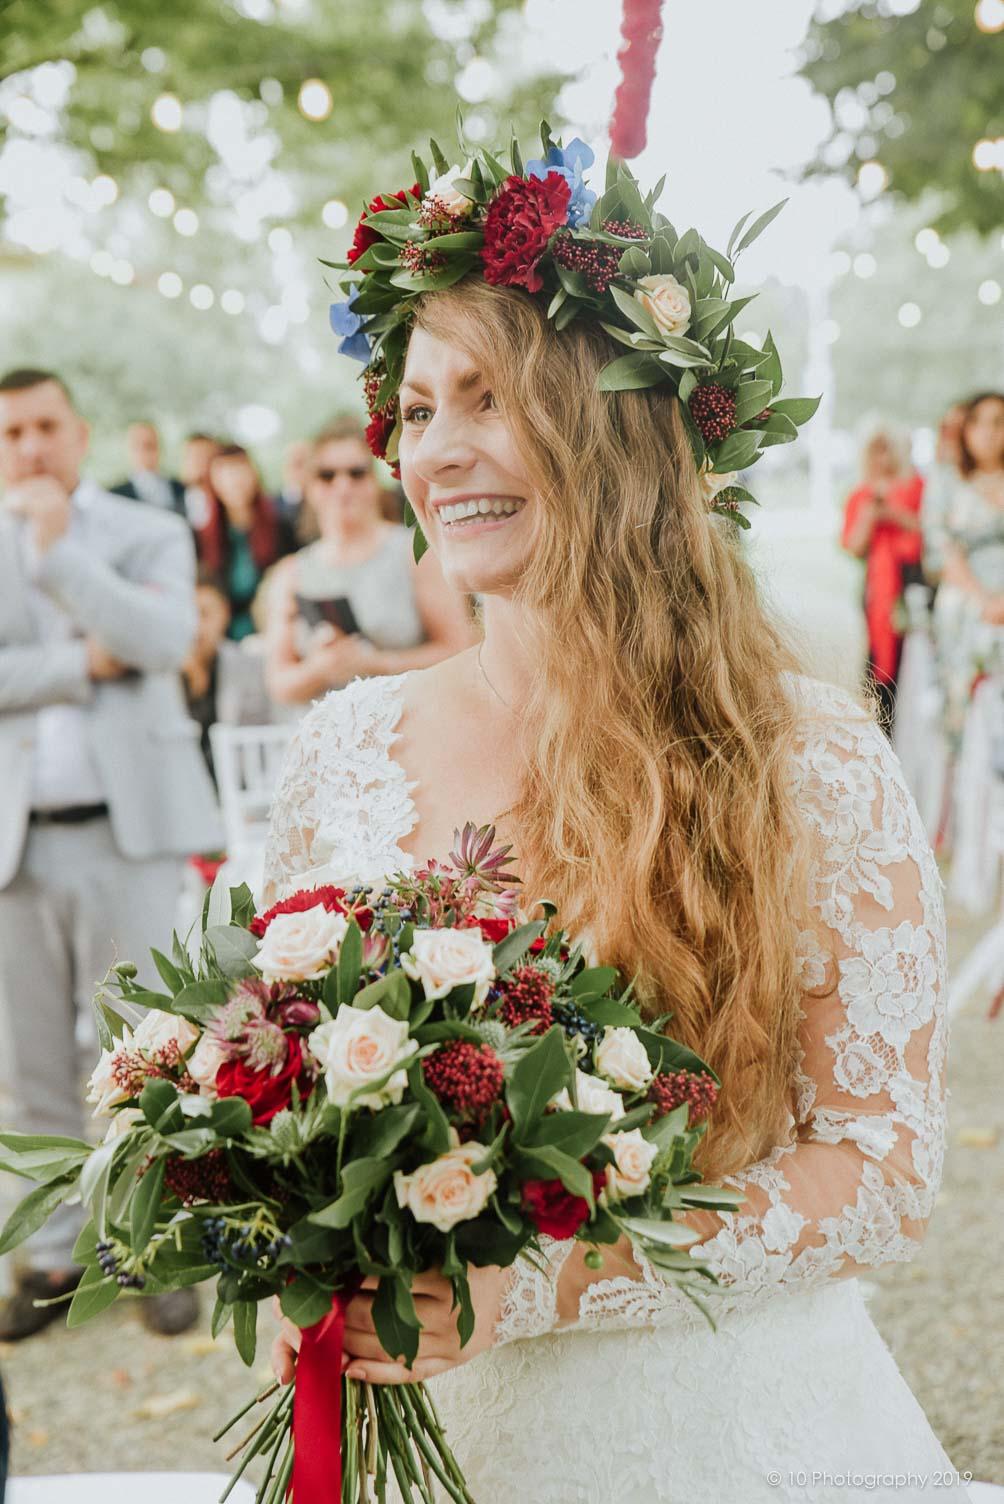 fiori sposa Matrimonio autunnale boho chic a Modena